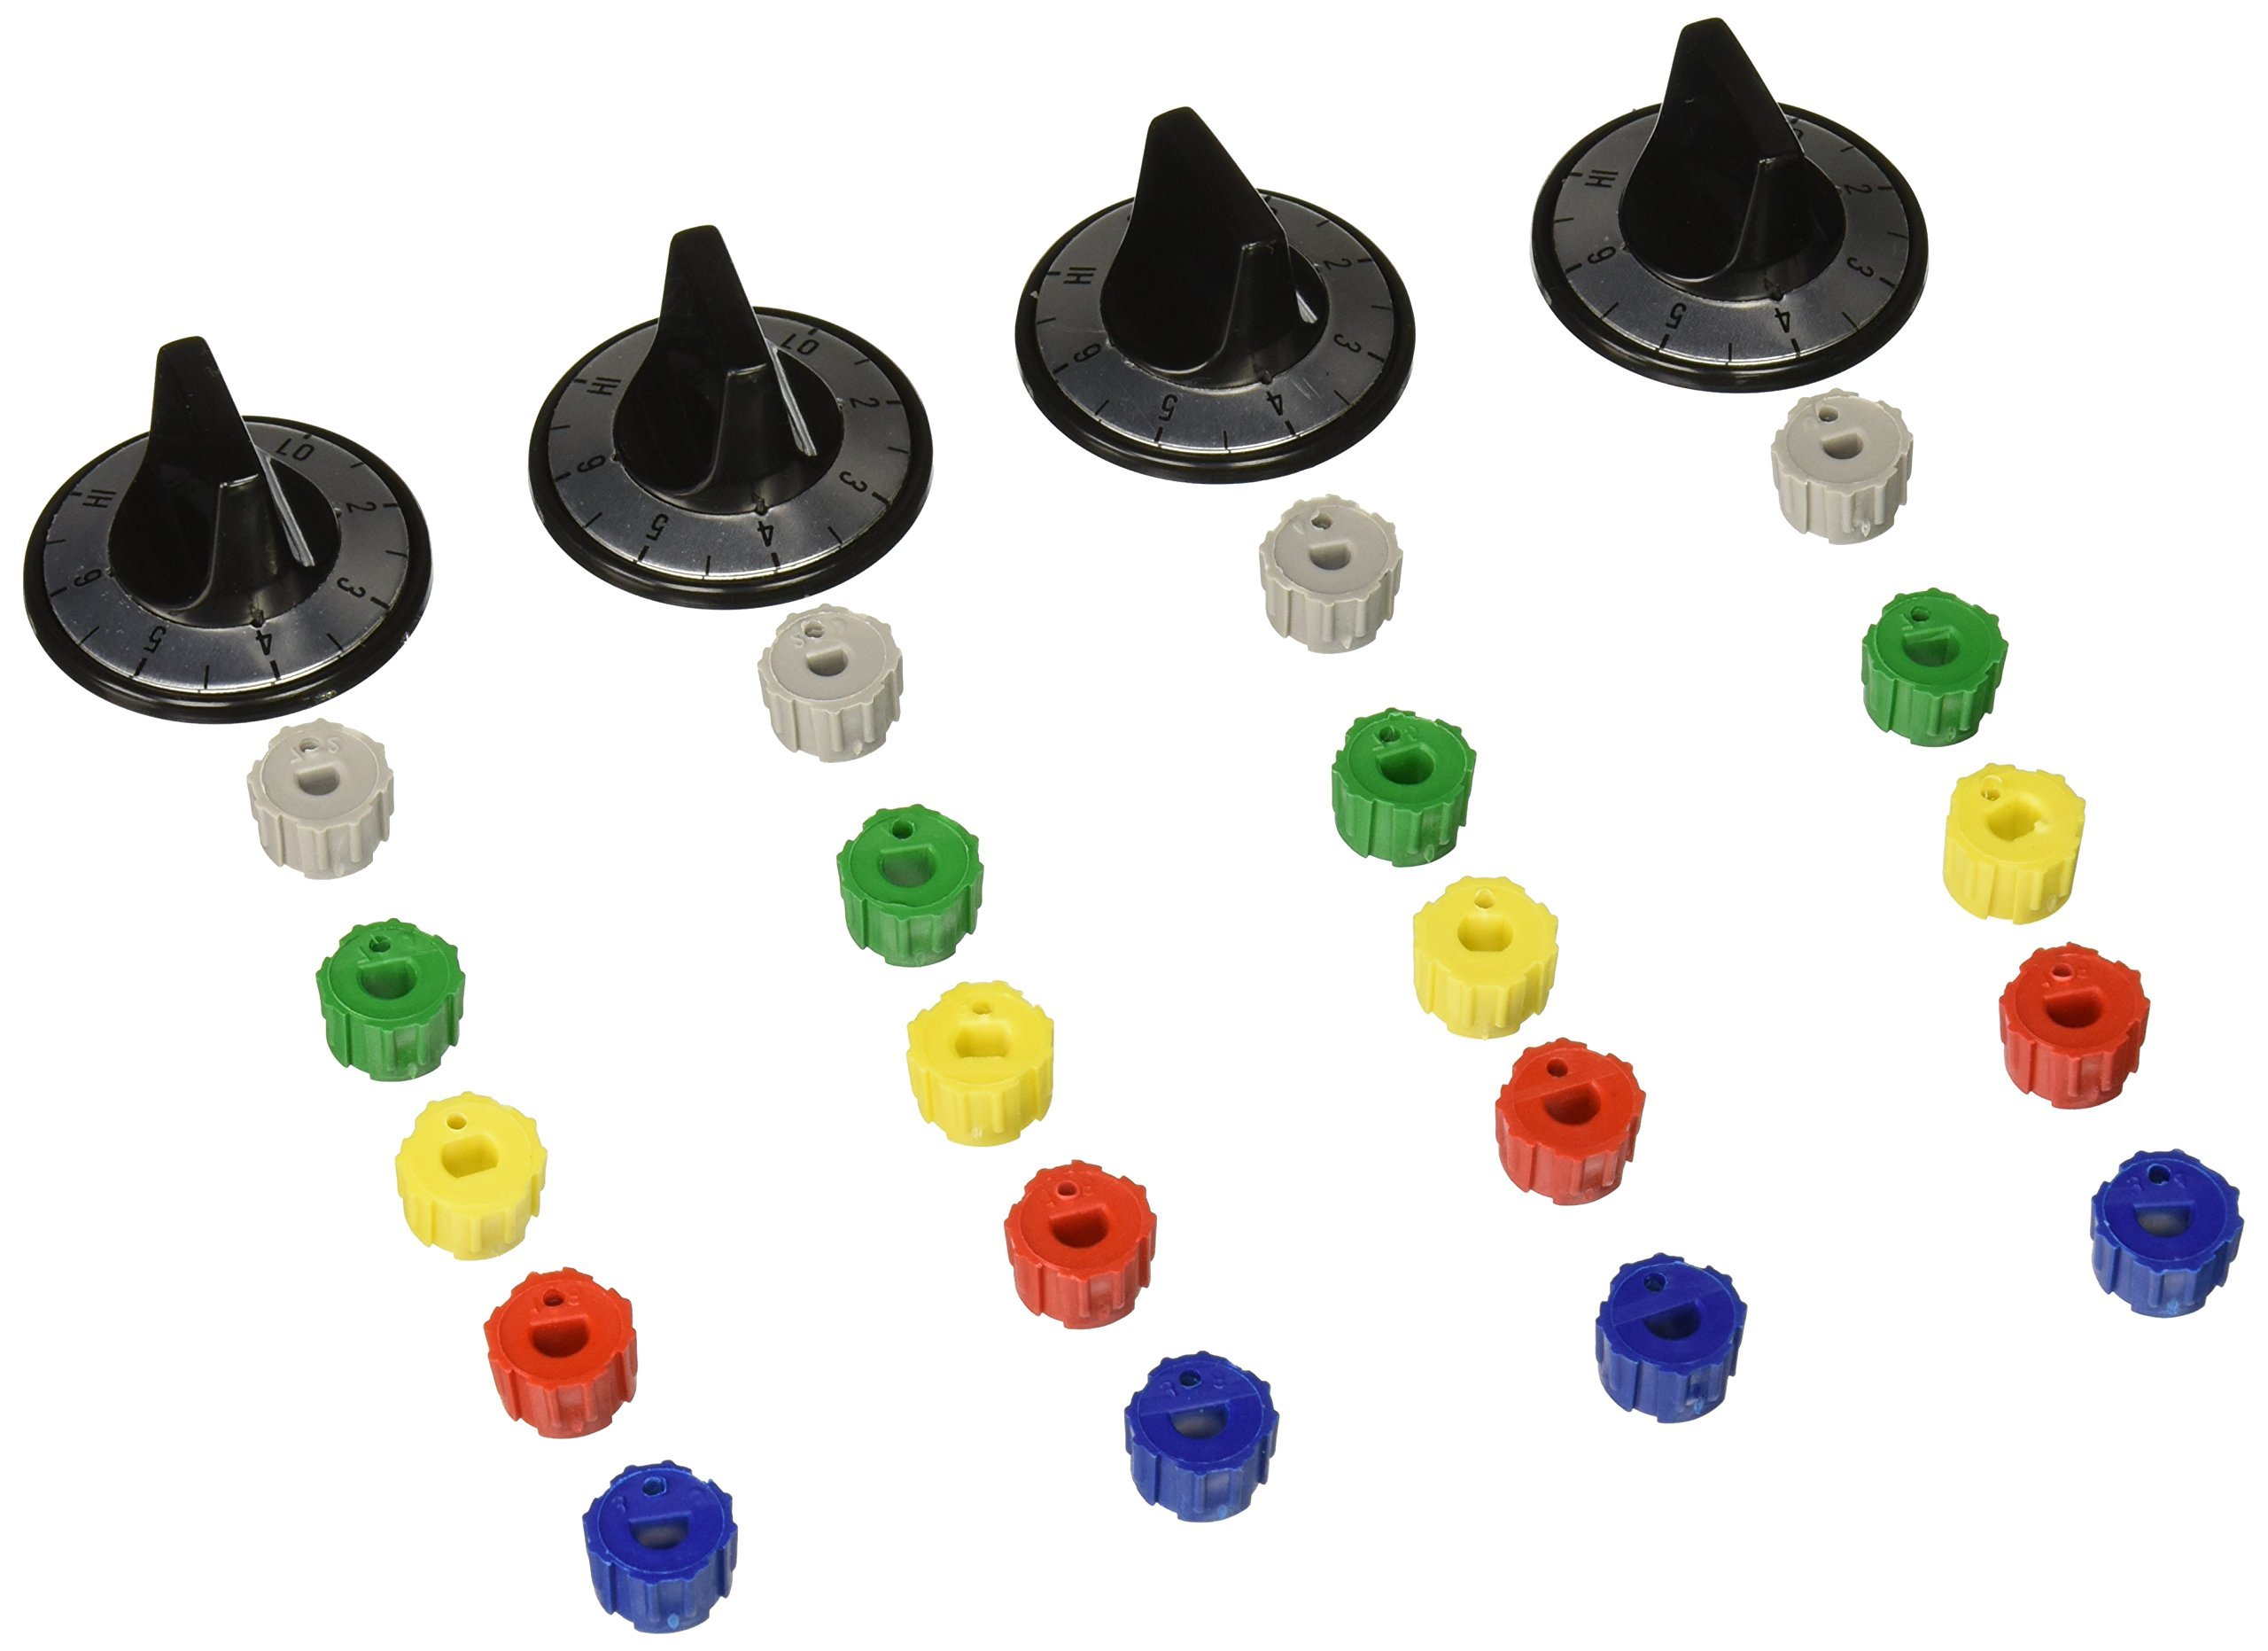 RK100 Supco Universal Electric Range Knob Kit